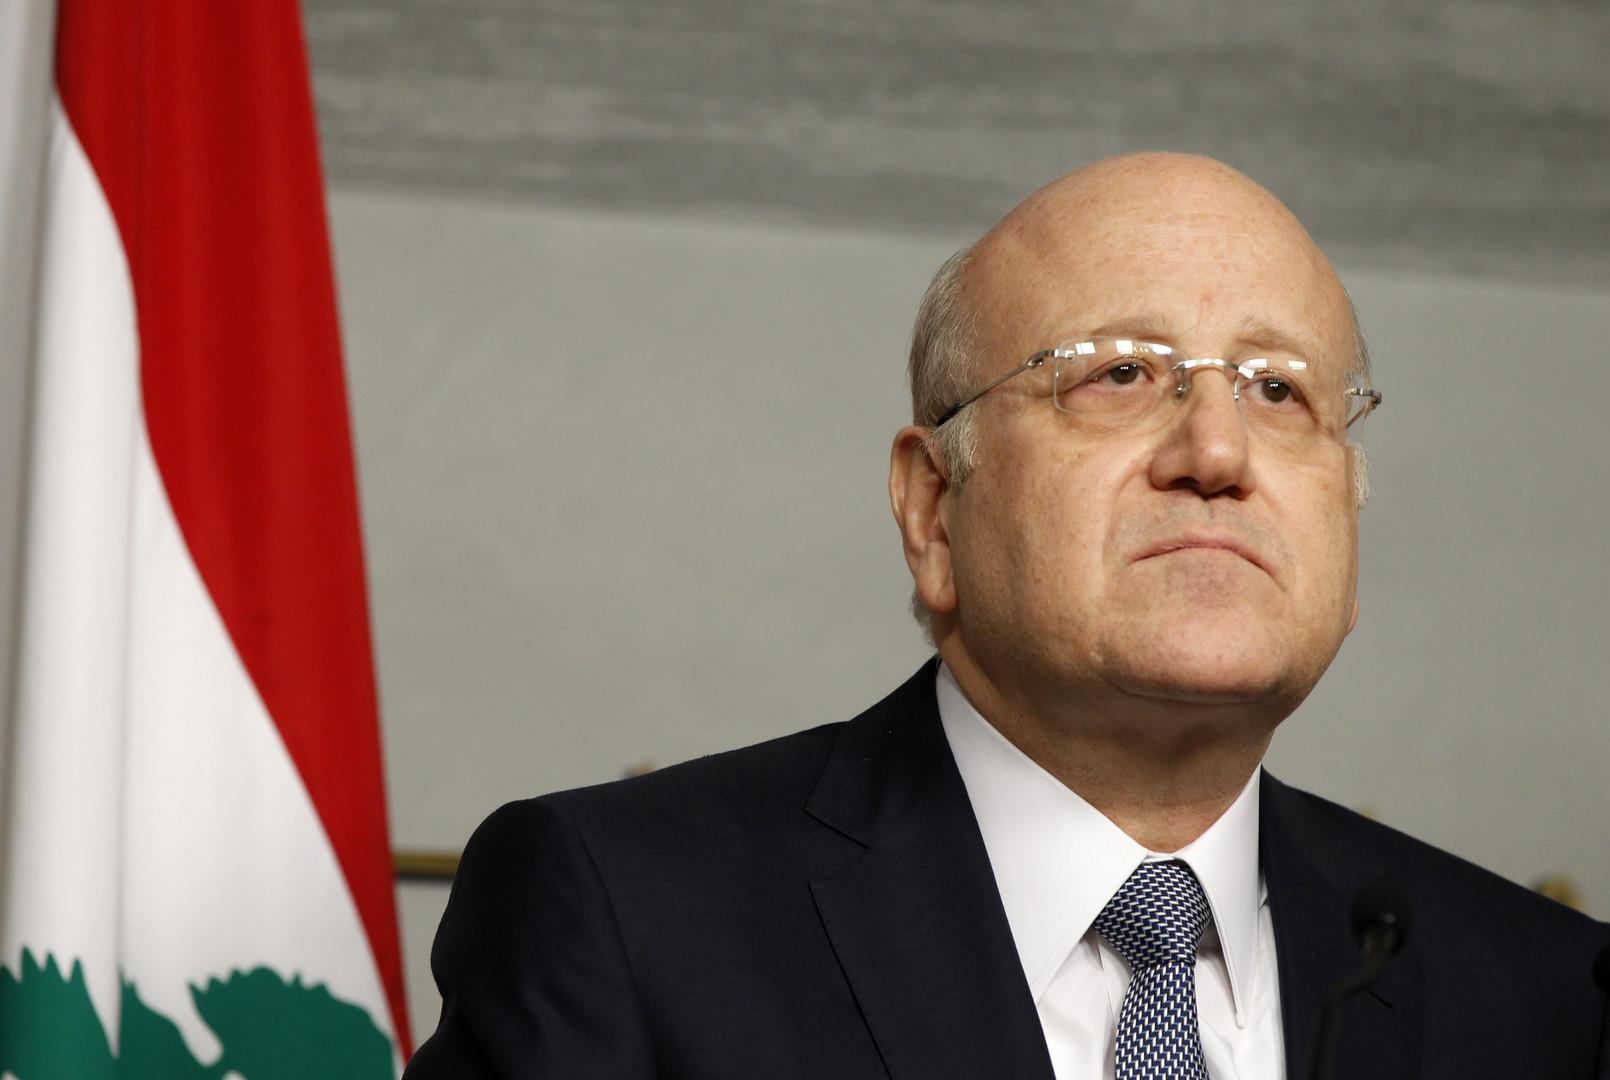 رئيس الوزراء اللبناني الأسبق، نجيب ميقاتي (أرشيف)